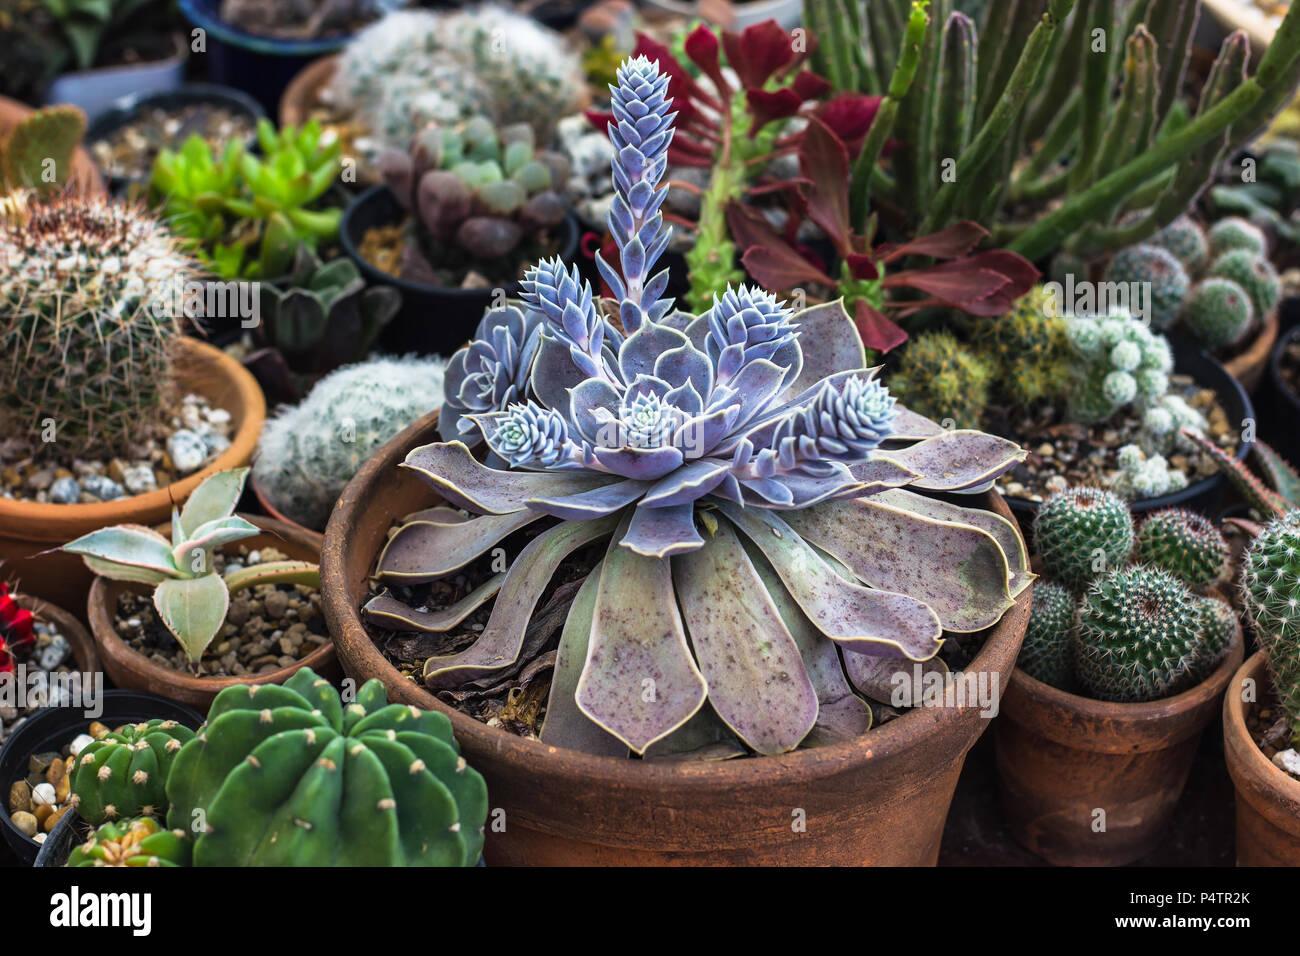 Collection de cactus et plantes succulentes dans le jardin. Petit cactus et succulentes dans le jardin d'accueil. Banque D'Images